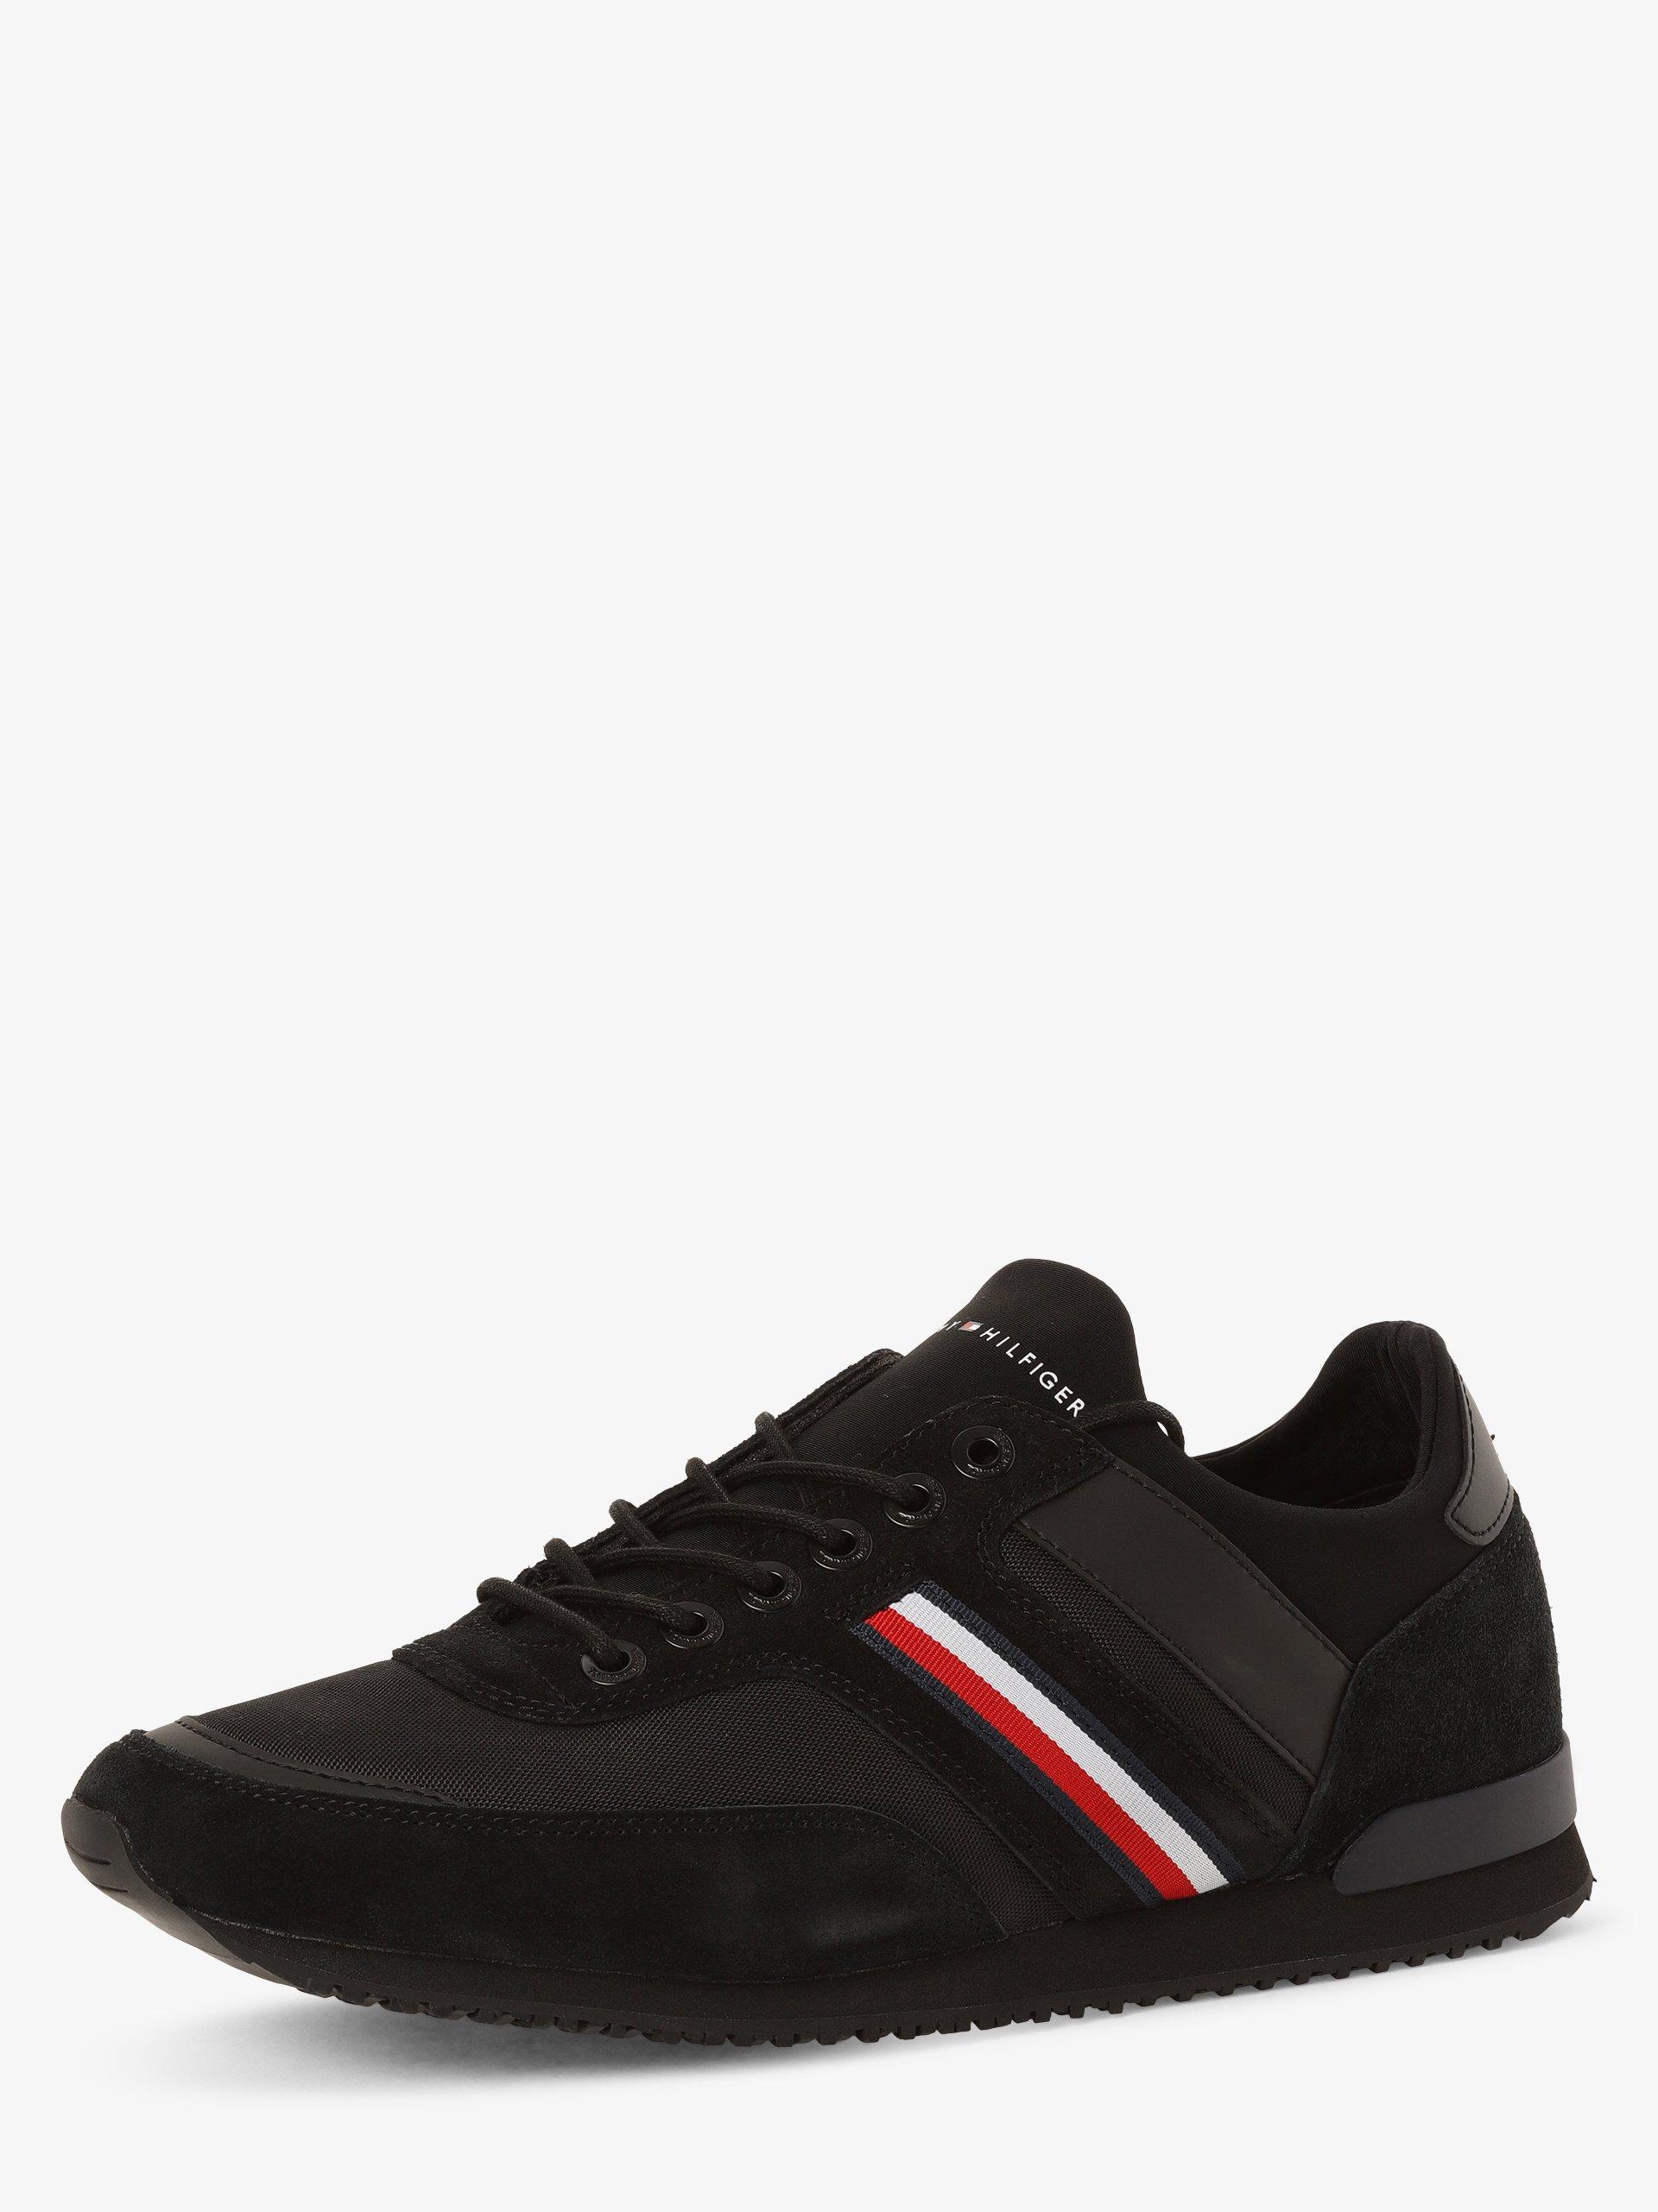 Tommy Hilfiger Herren Sneaker mit Leder-Anteil - Iconic Sock Runner